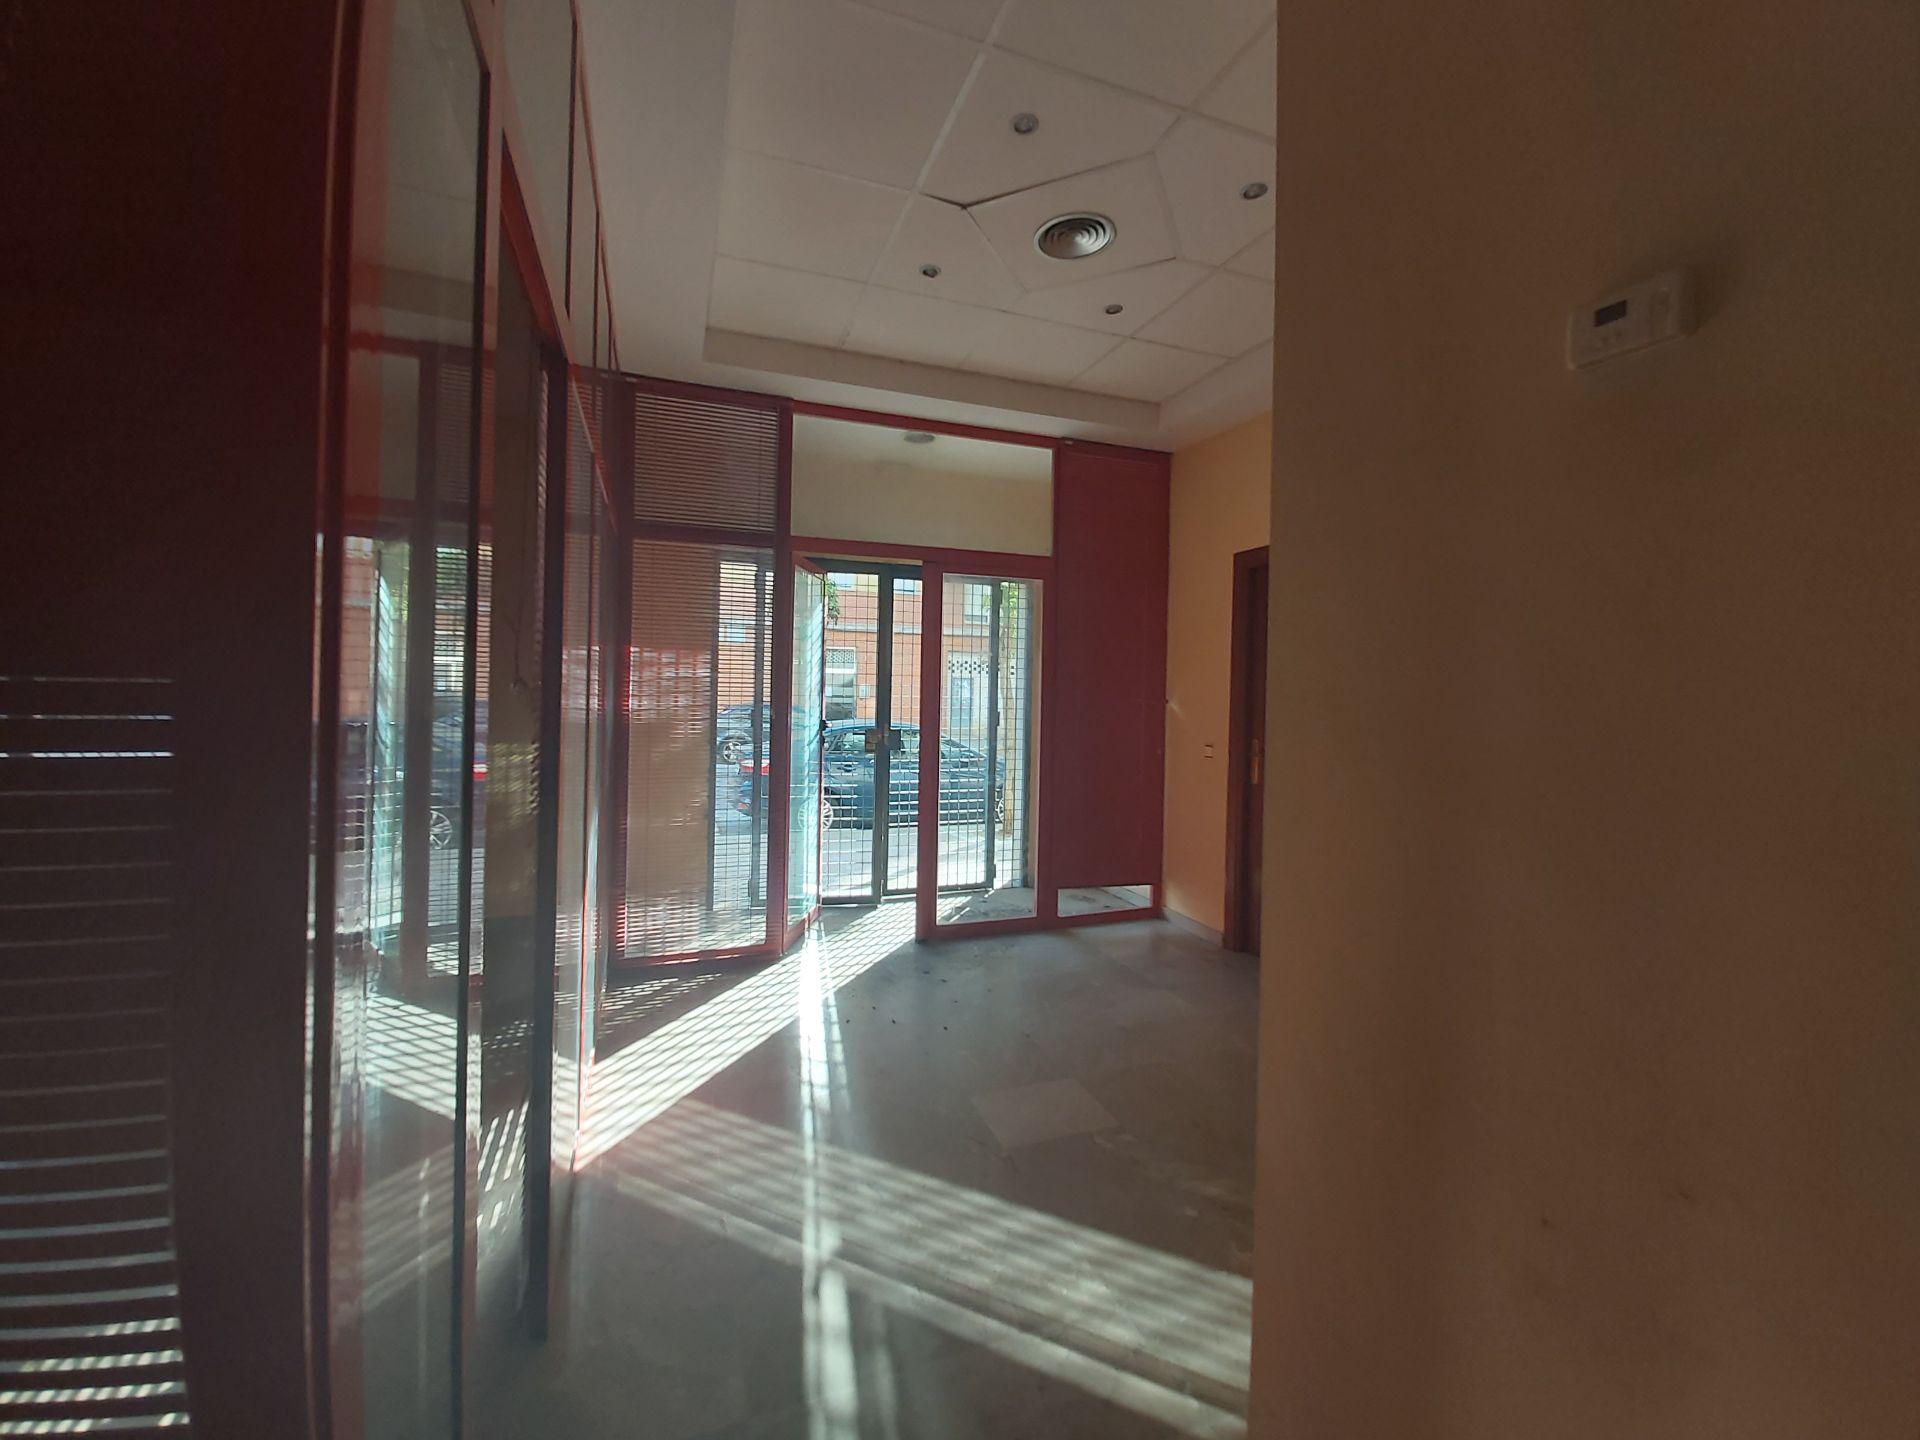 Local comercial en San Fernando, CAMPOSOTO CENTRO, alquiler